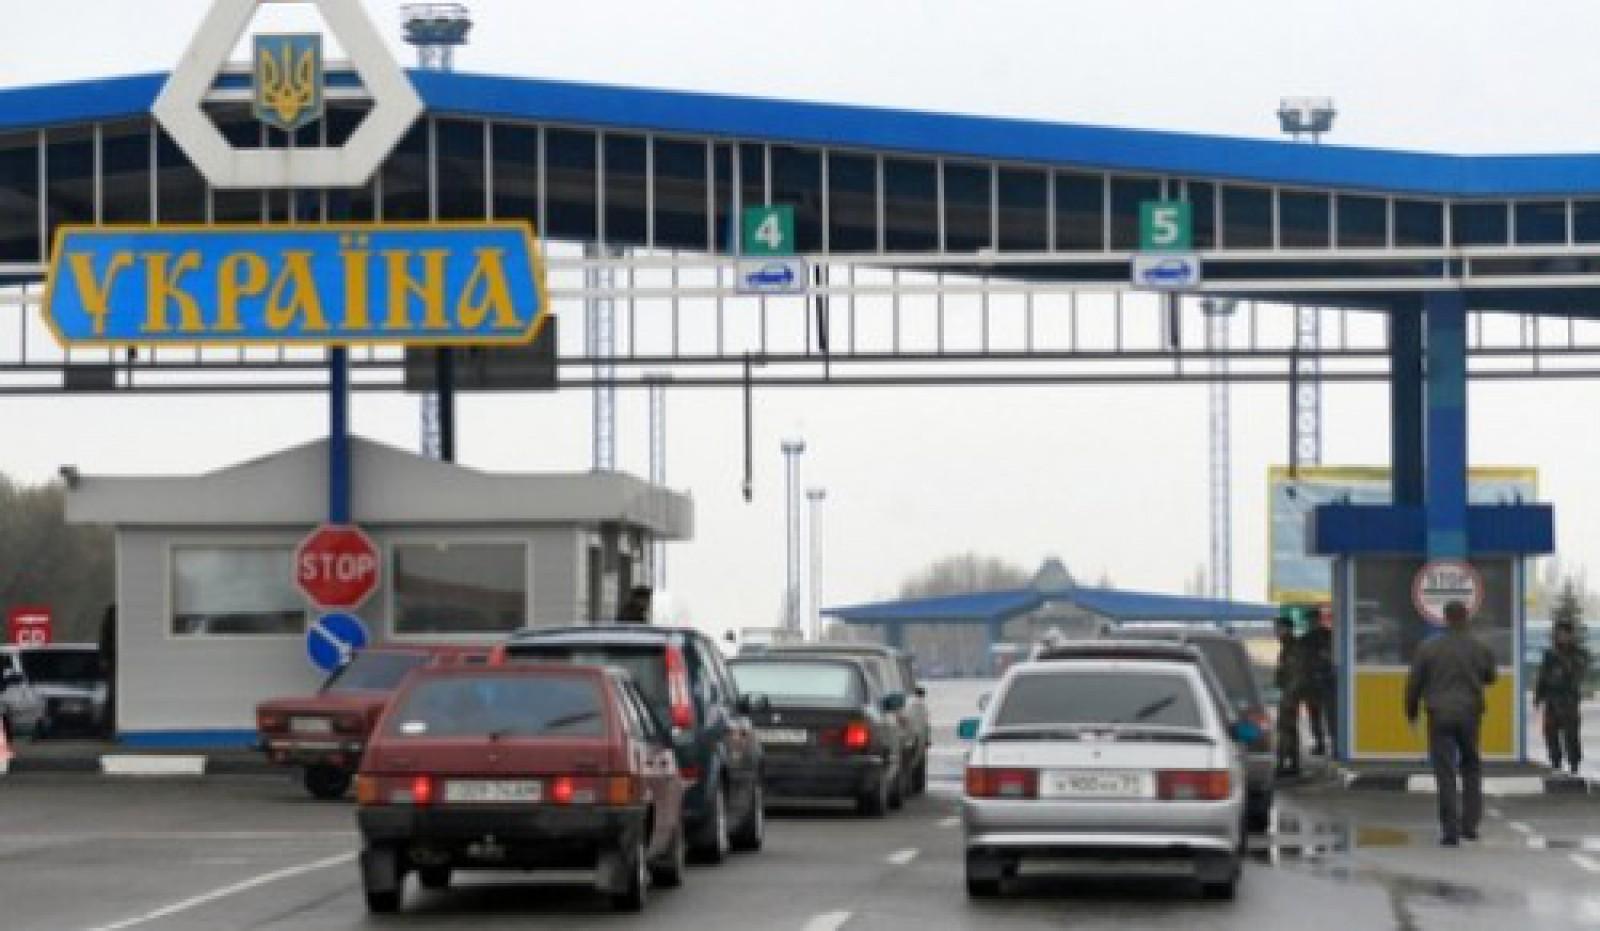 Poliţia de frontieră din Moldova va putea controla în totalitate graniţa cu Ucraina